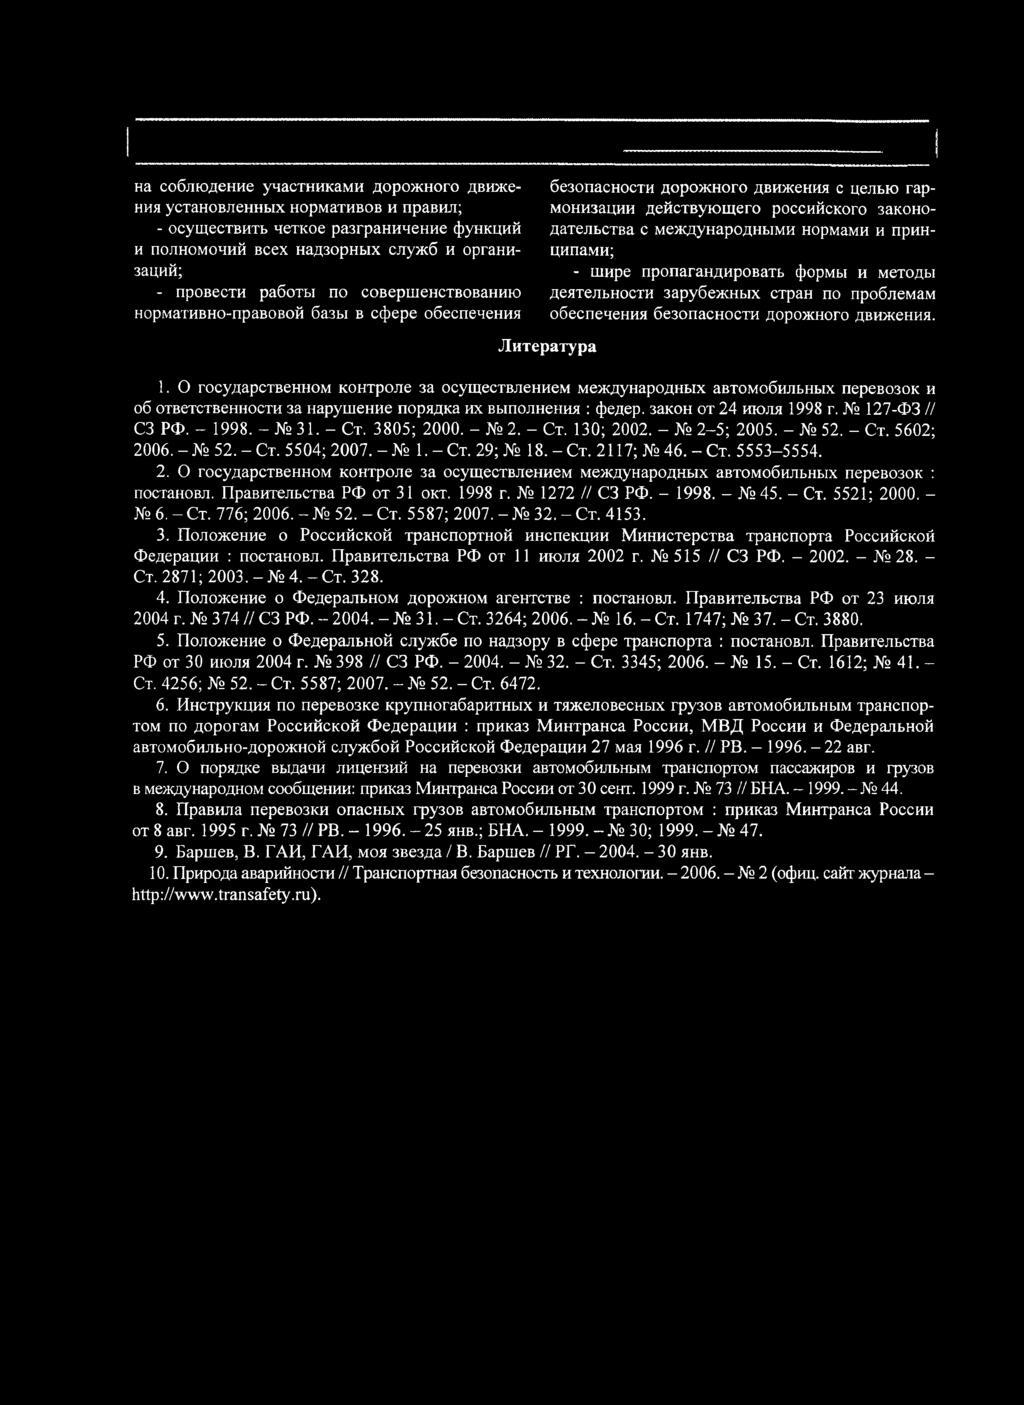 Исковое заявление о принятии наследства. образец